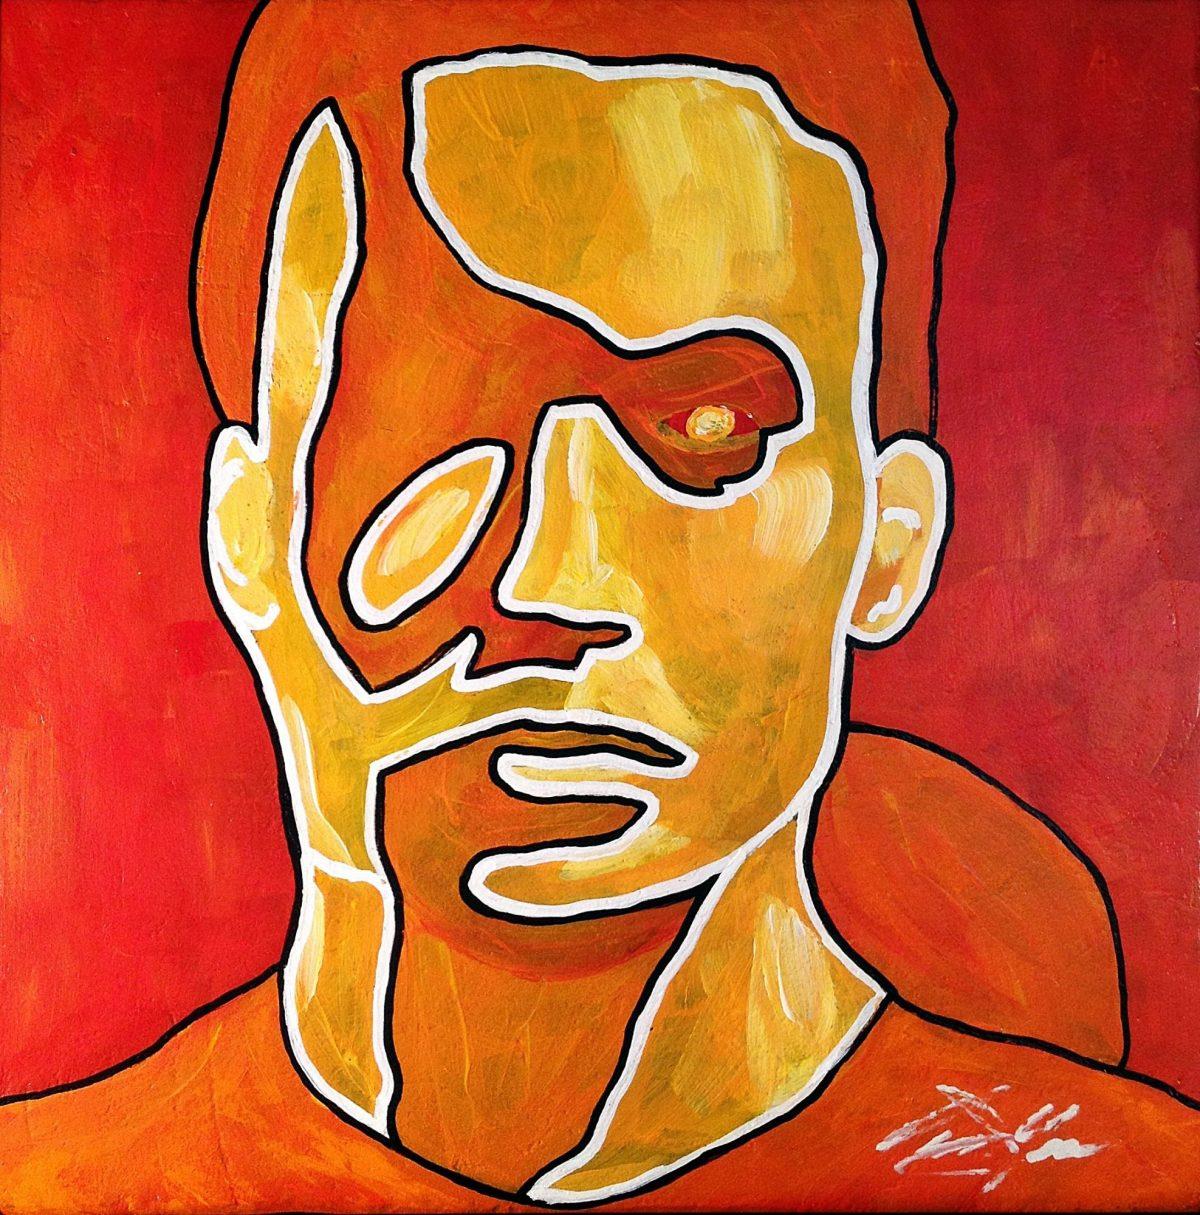 Owen York Art - Mike Patton